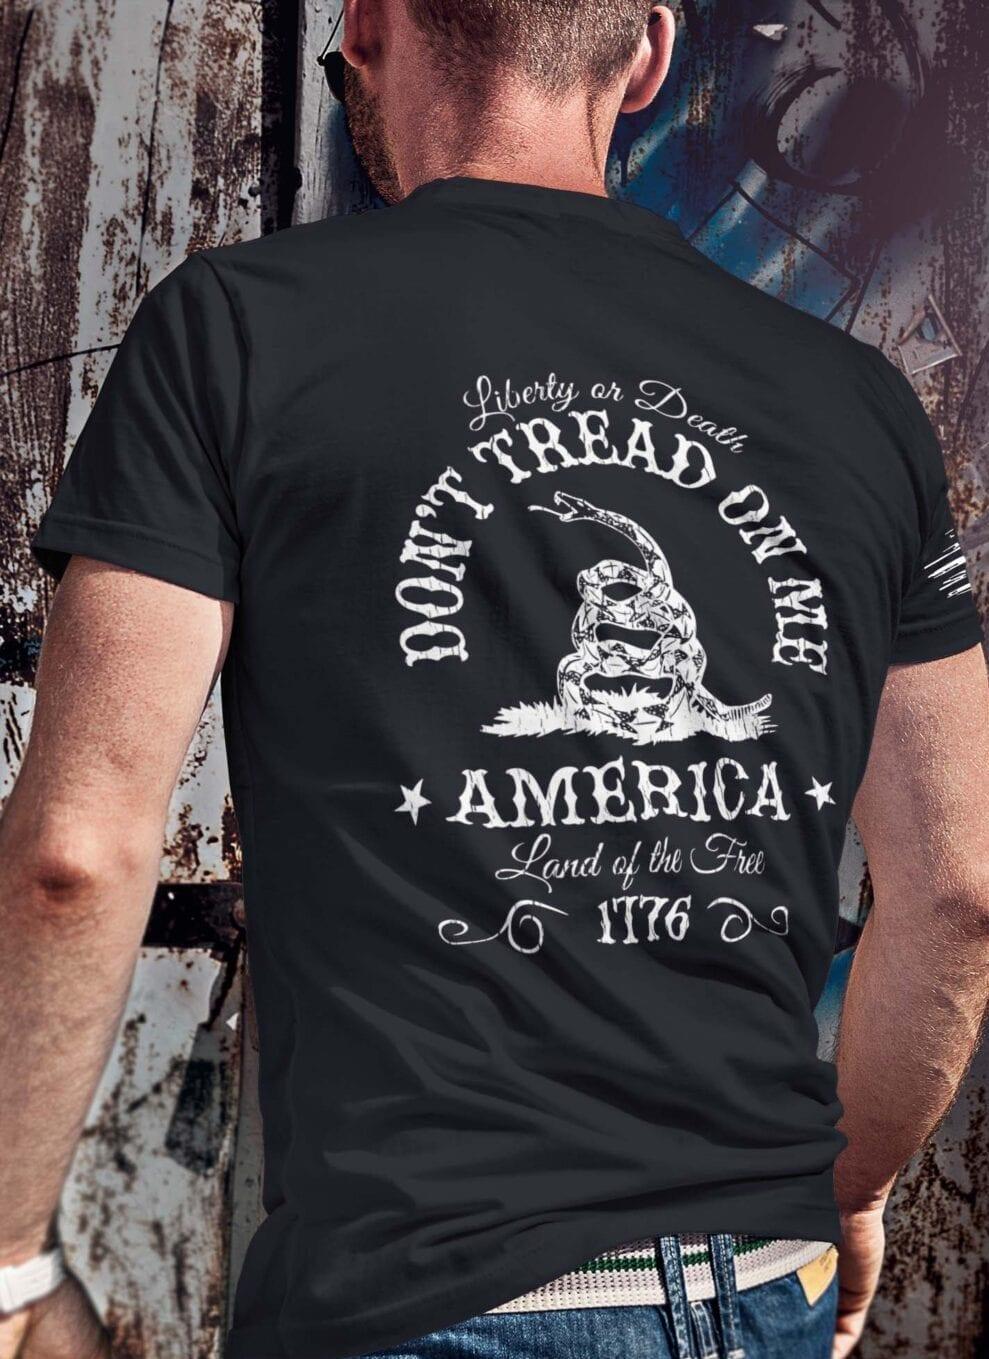 Don't Tread On Me on Men's Black T Shirt